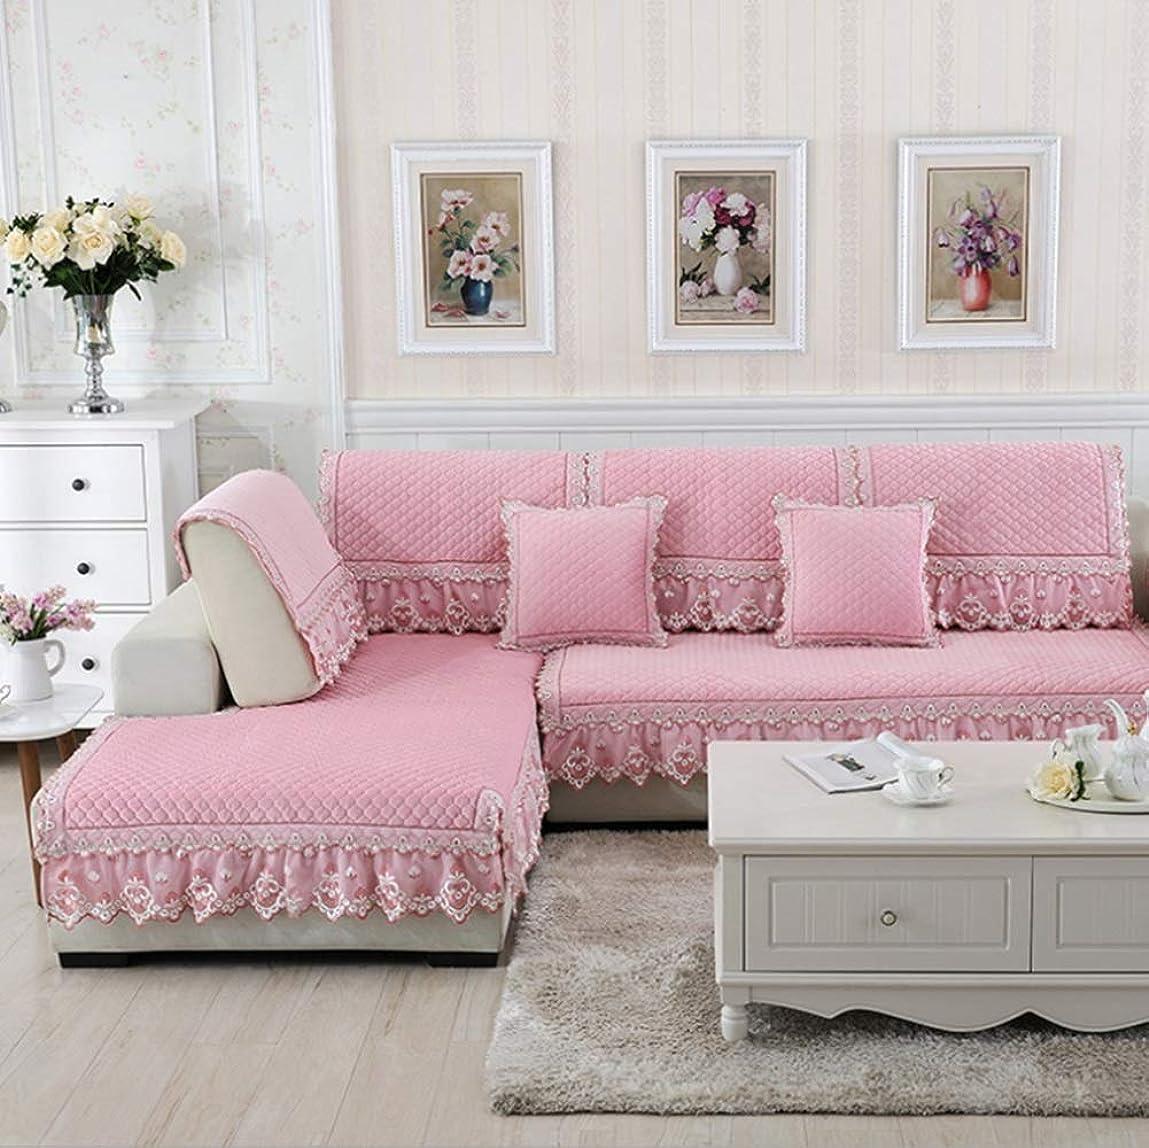 南東本部予言するスリップカバー ソファクッション布カバー四季利用可能な家具ソファマットに適しホームスリップ耐性特大ソファスリップカバープロテクター、3ピーススリップカバー (色 : ピンク, サイズ : 90*210CM)